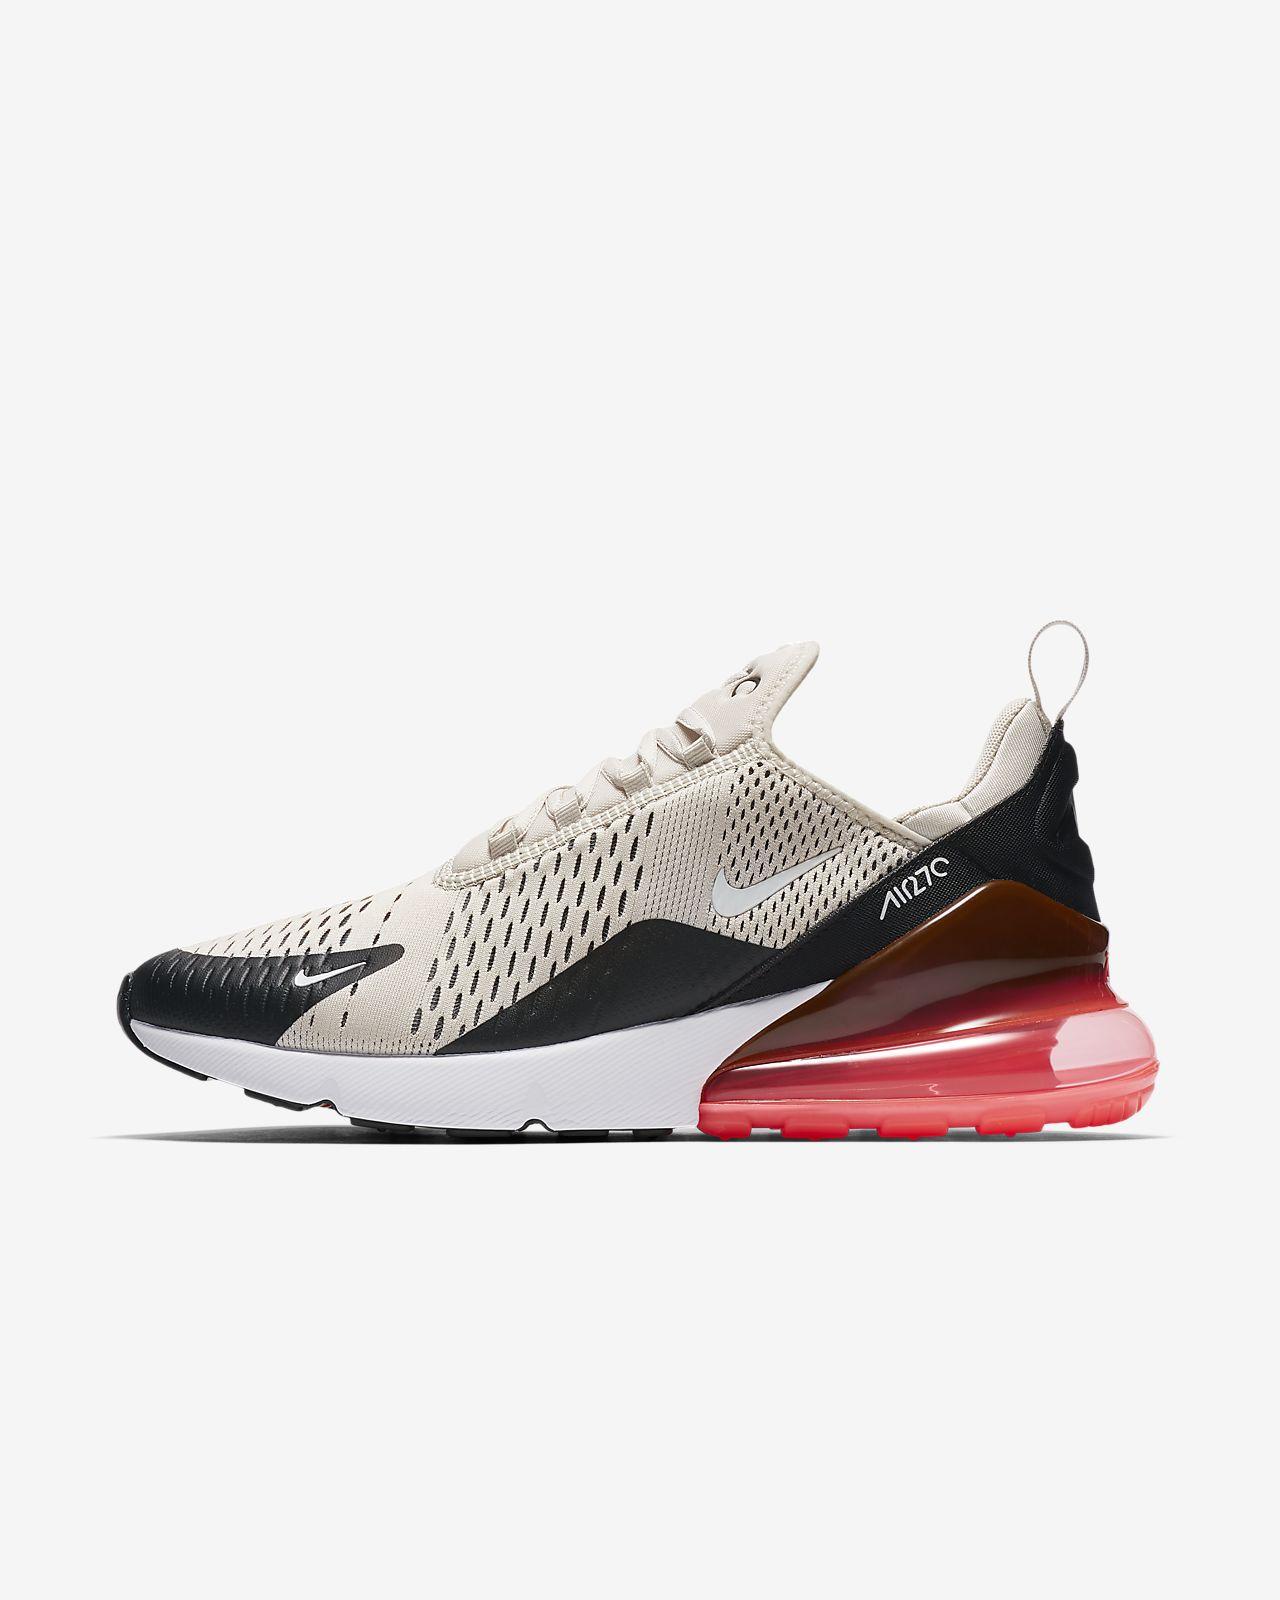 Köp billiga Nike Skor för män och kvinnor och barn i Sverige